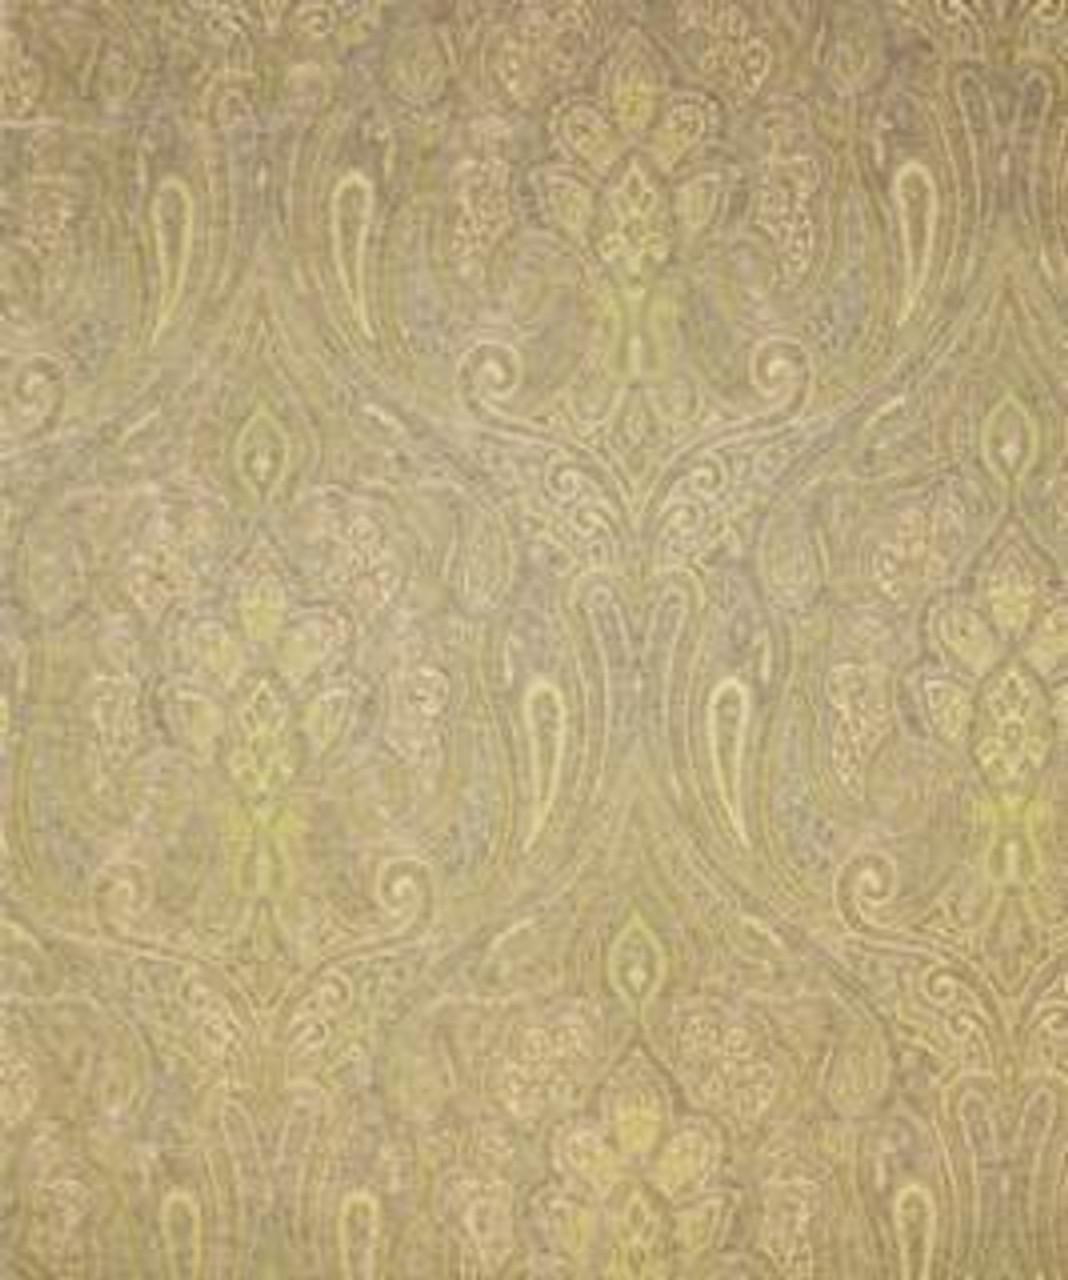 Barrow Industries Fabric Visalia Jasper M9748 My Fabric